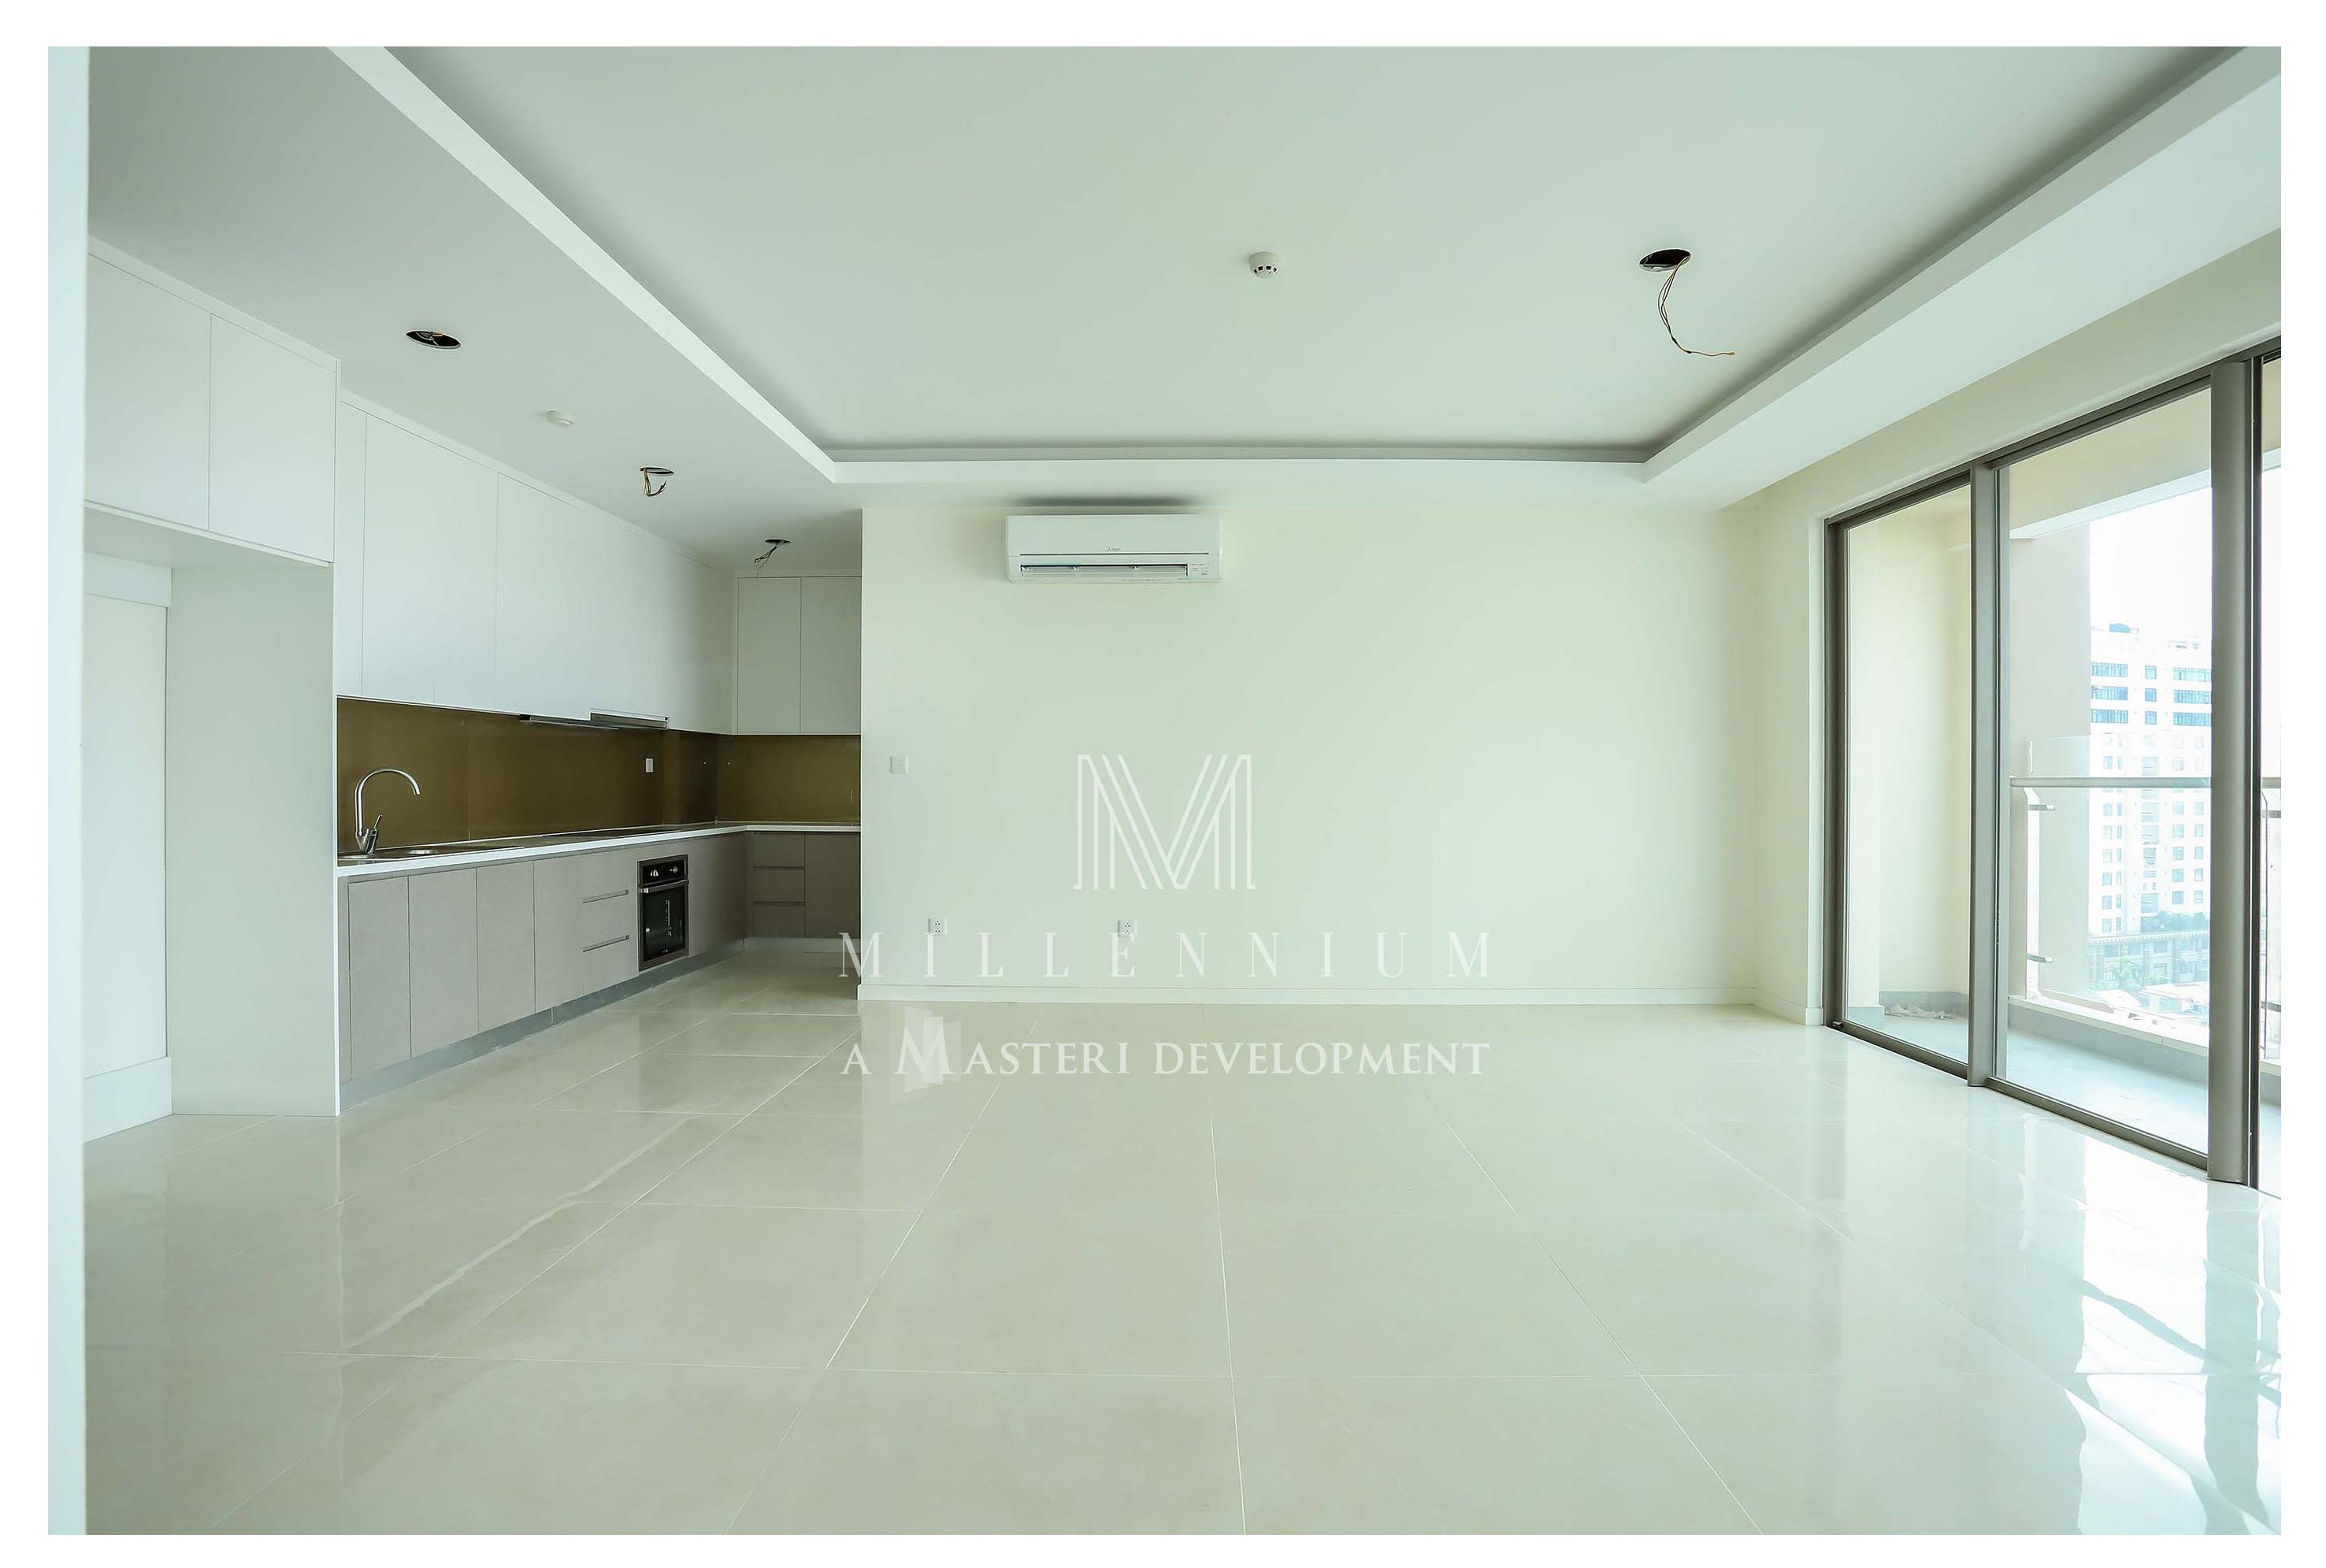 Nội thất nhà trống căn hộ cho thuê Masteri Millennium Quận 4